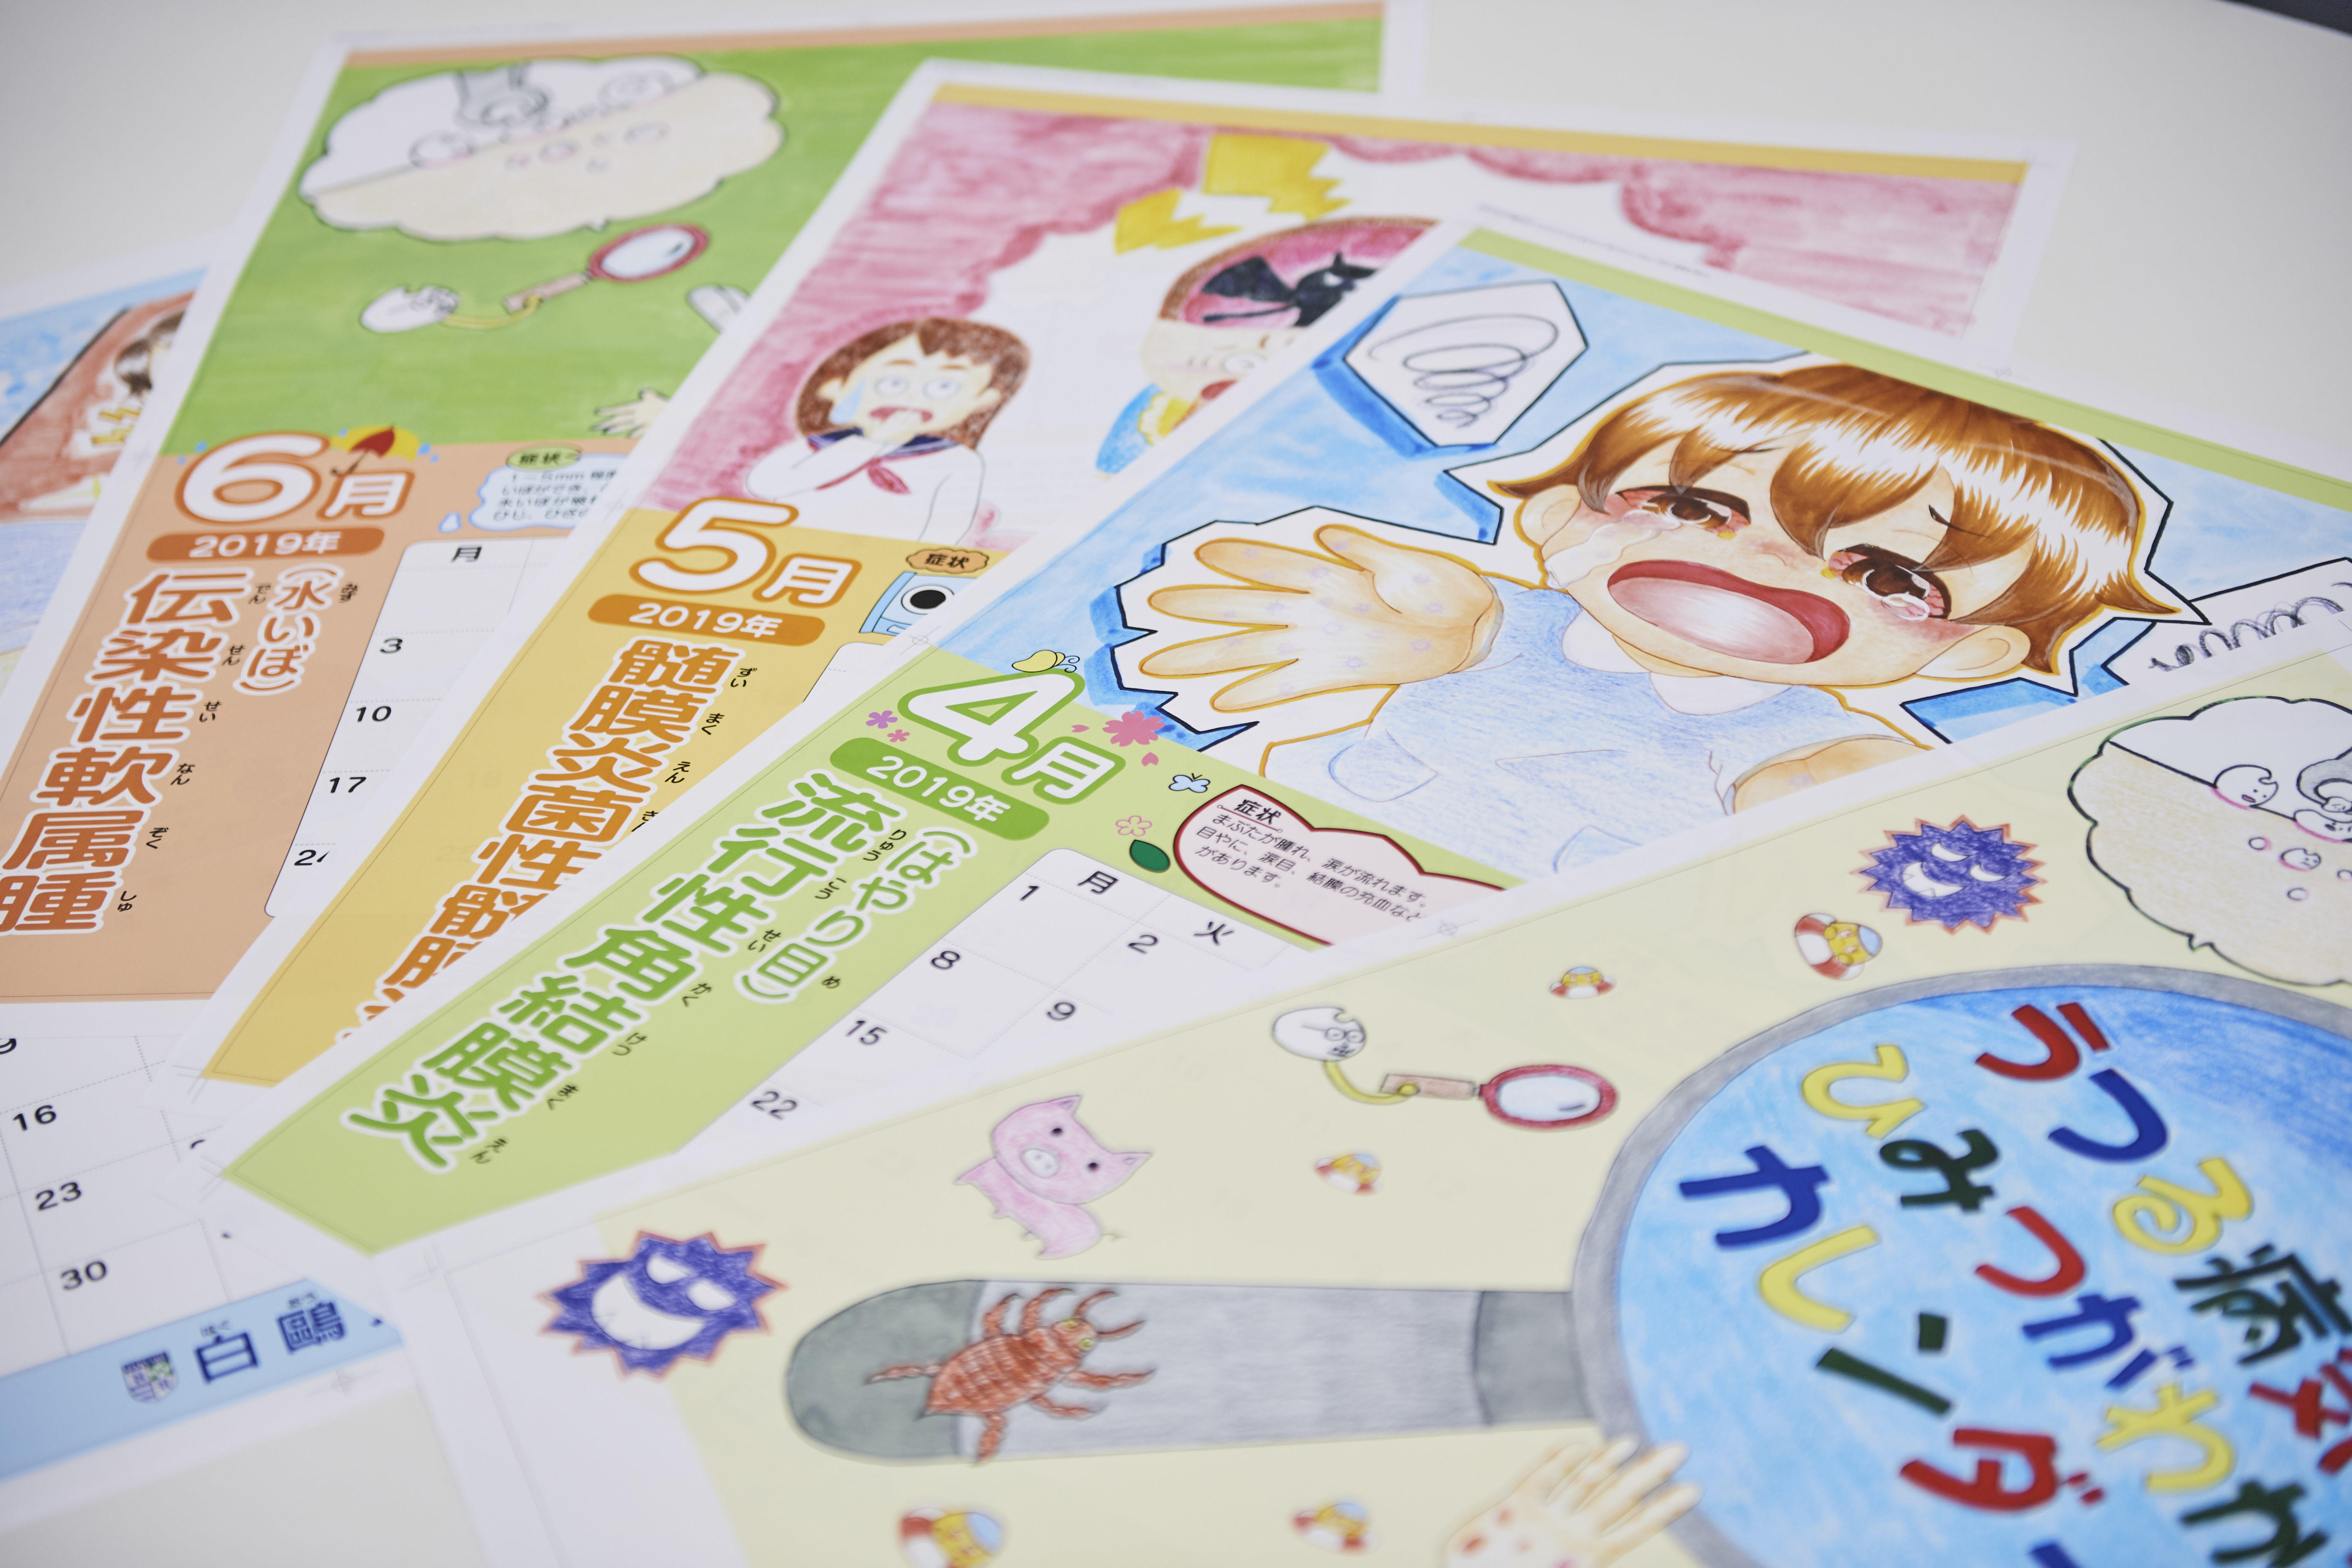 白鴎大学の岡田晴恵ゼミが学校感染症予防をテーマにしたカレンダーを地域の幼稚園や小中学校に配布 -- 今年から他地域にも提供